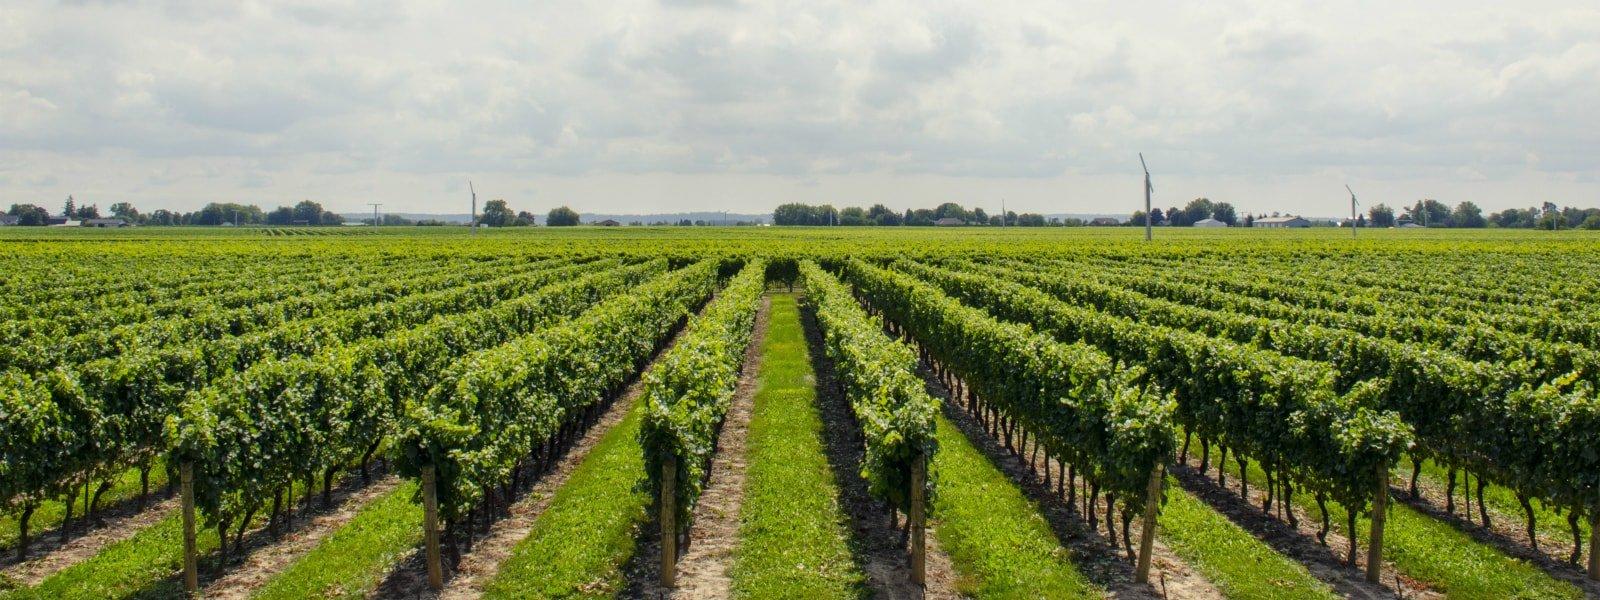 attrezzature_agricole_viticoltura_olbia-min